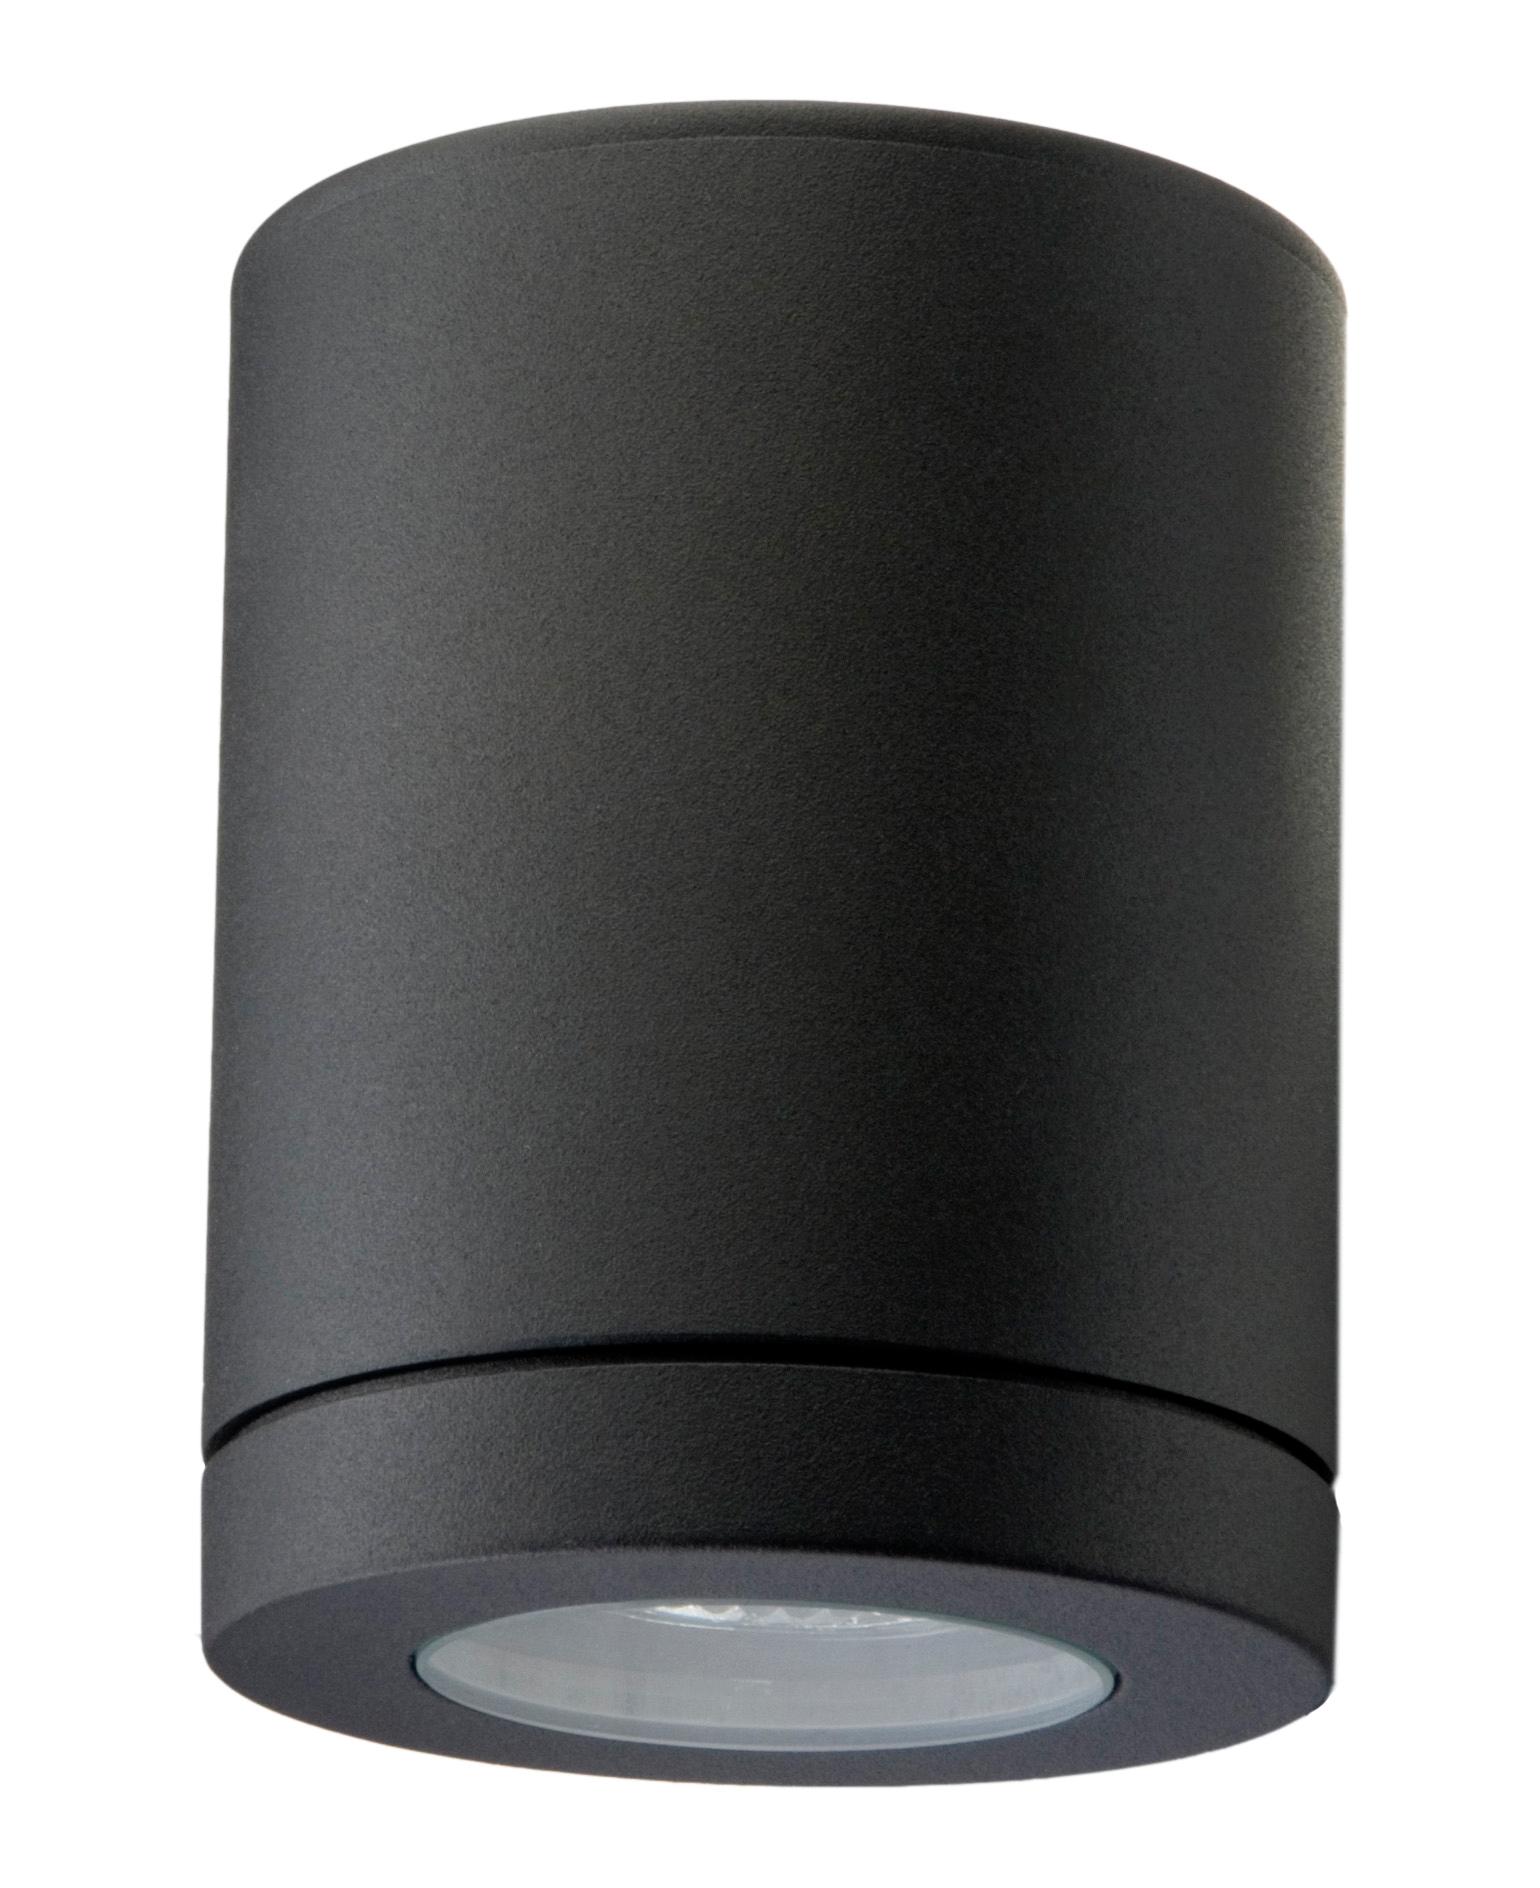 LED-Deckenleuchte, ELS 522N/523N/524N